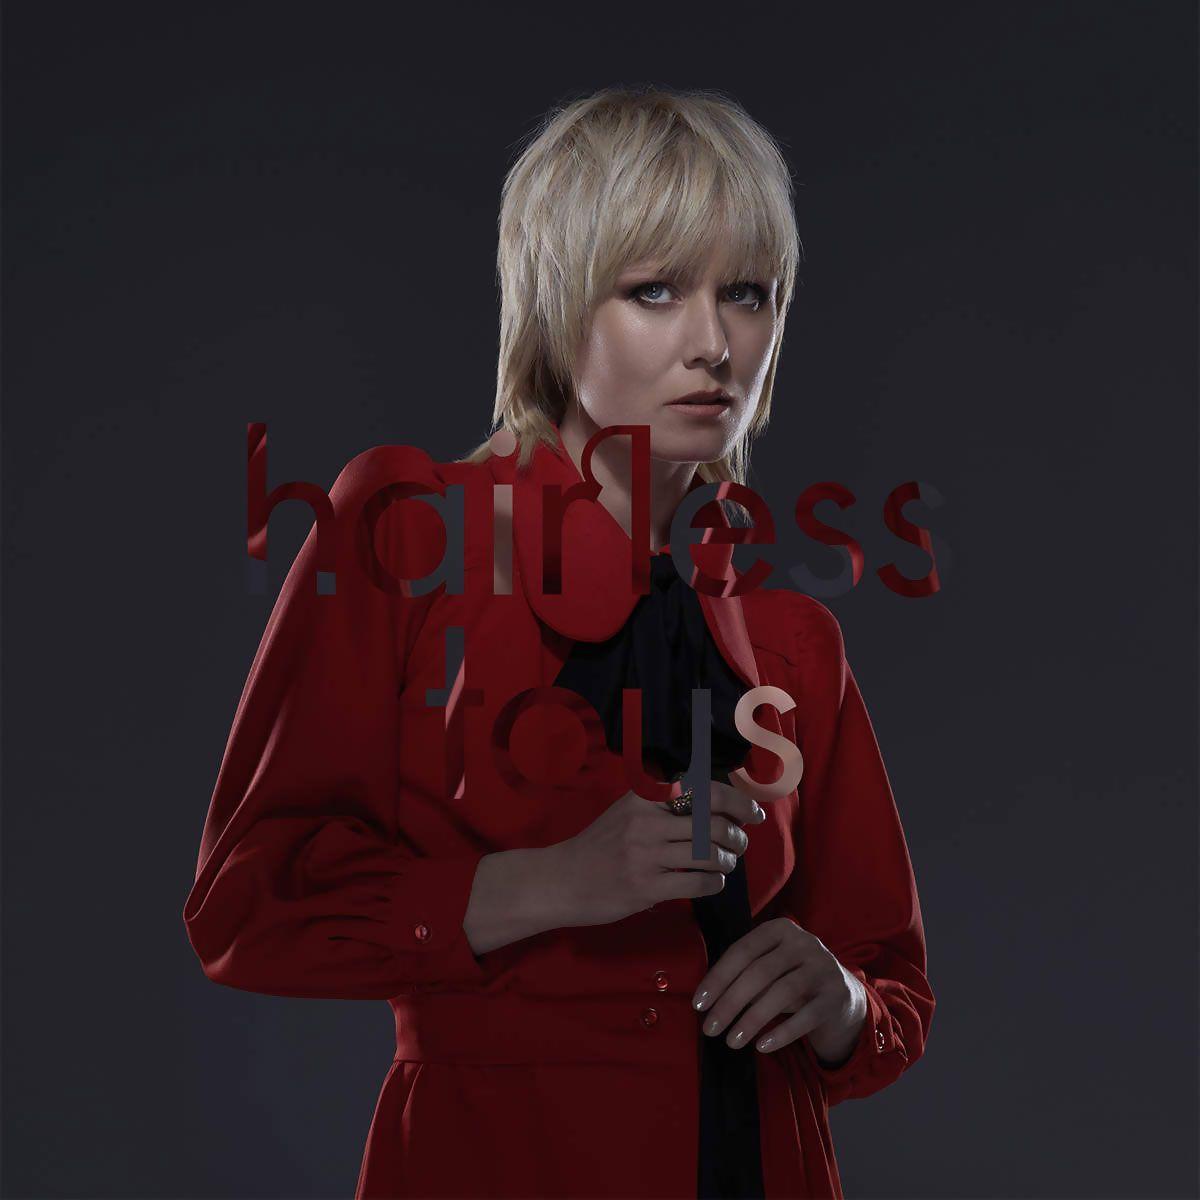 Roisin-Murphy---Hairless-Toys-COVER-ARTWORK